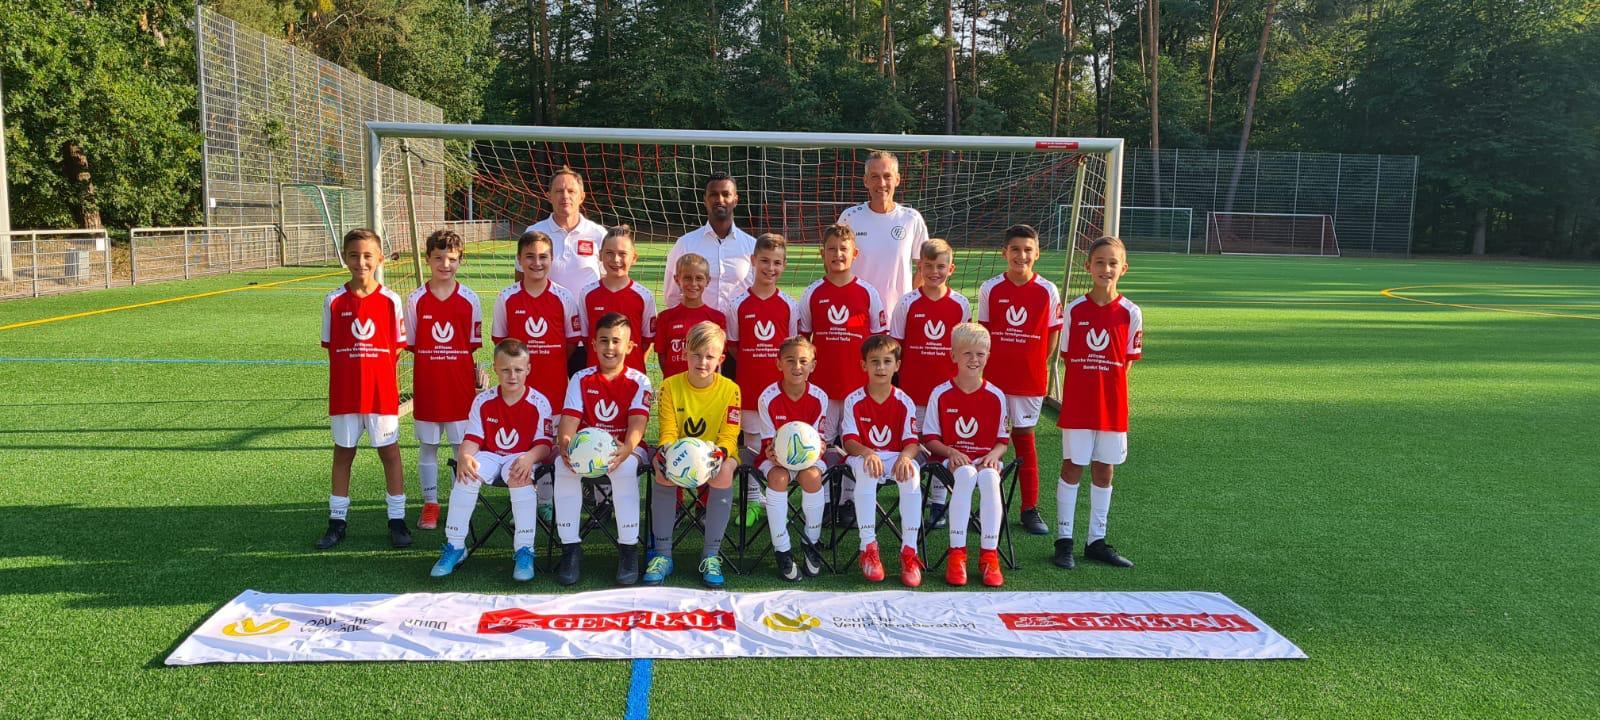 Allfinanz Deutsche Vermögensberatung Bereket Tesfai stattet die E1-Junioren des 1. FC Langen mit einem neuen Trikotsatz aus